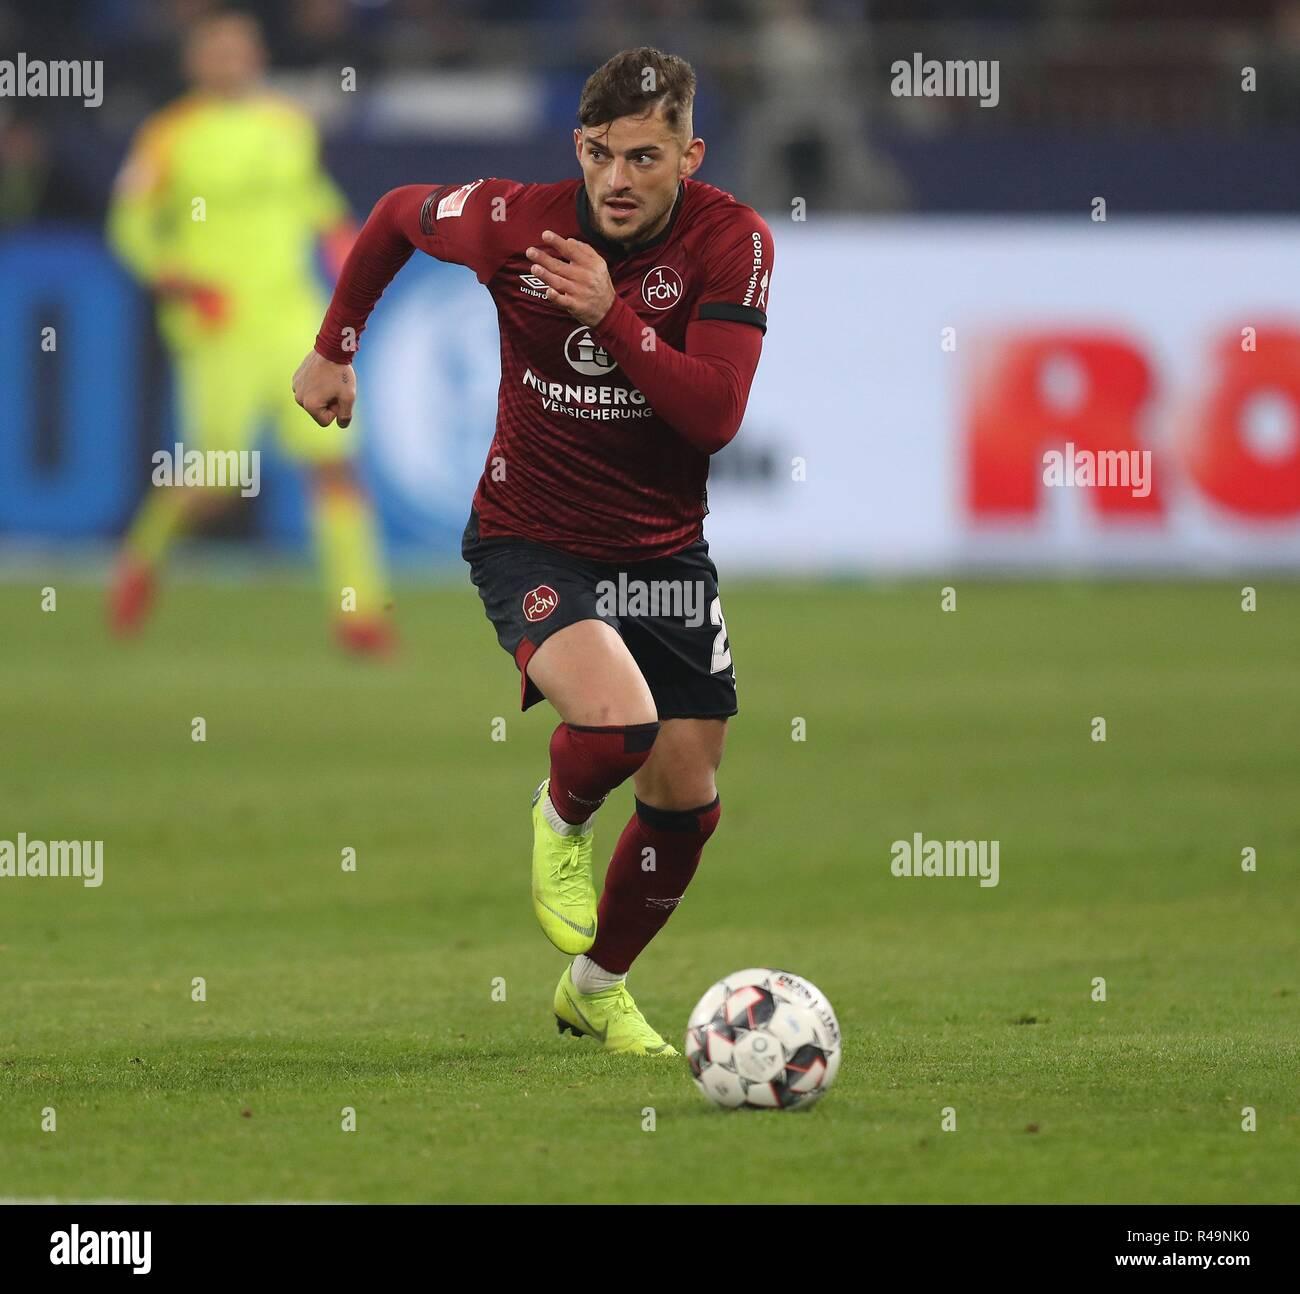 Firo: 24.11.2018 Fußball, Fußball, 1.Bundesliga, Saison 2018/2019, FC Schalke 04 - 1.FC Nürnberg 5:2 Single Action, Tim Leibold | Verwendung weltweit Stockbild